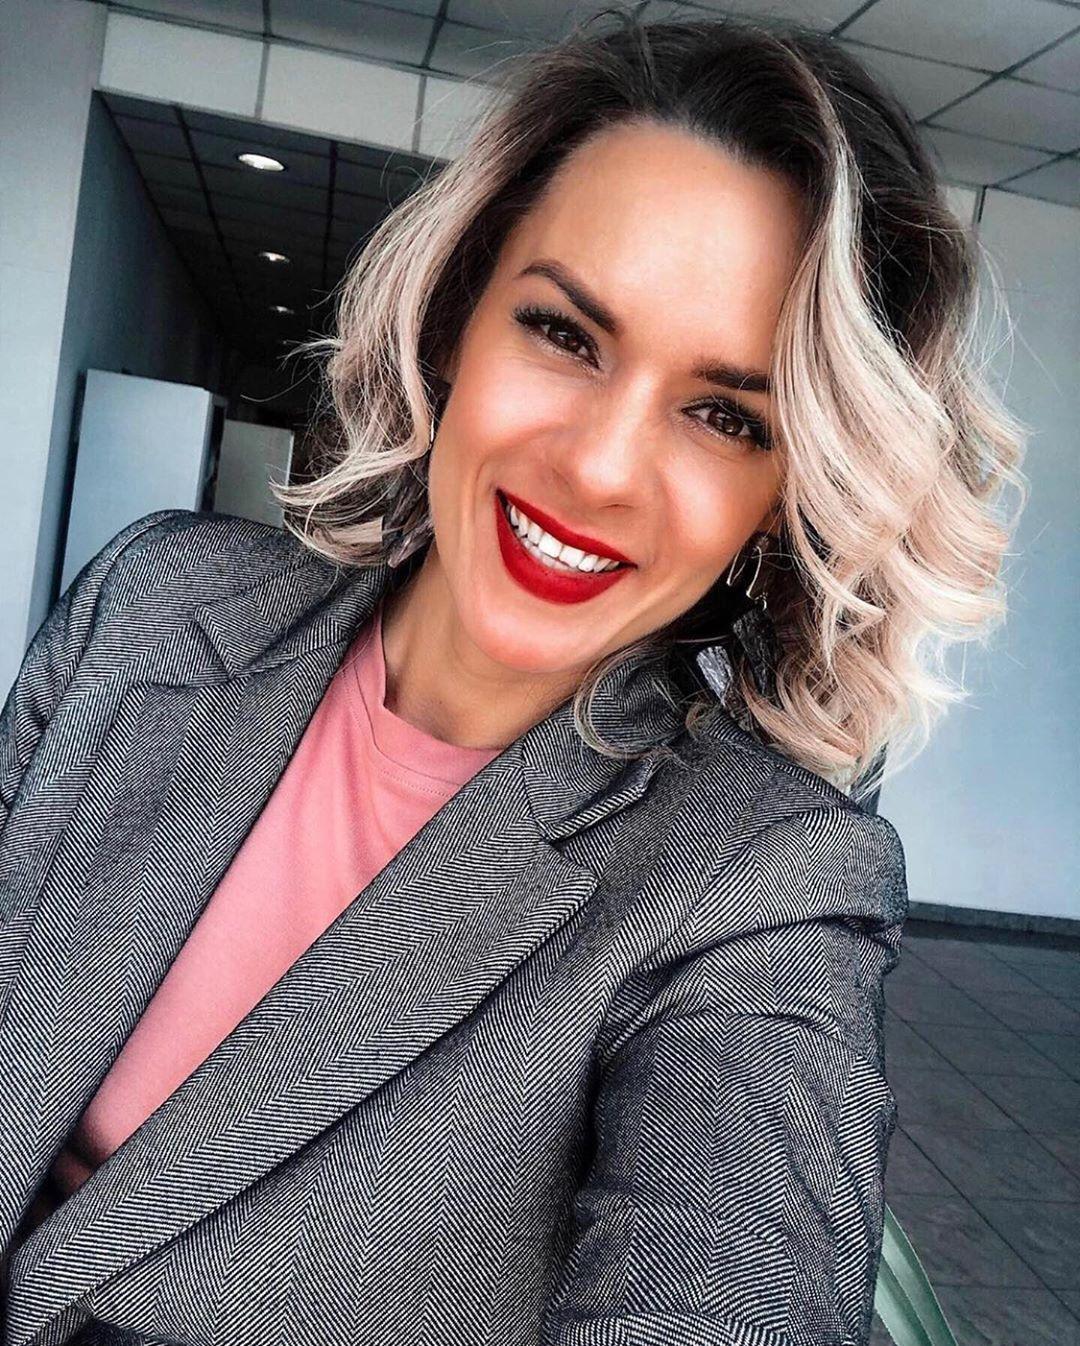 Стрижки На Средние Волосы 2021: Актуальные и Стильные Варианты